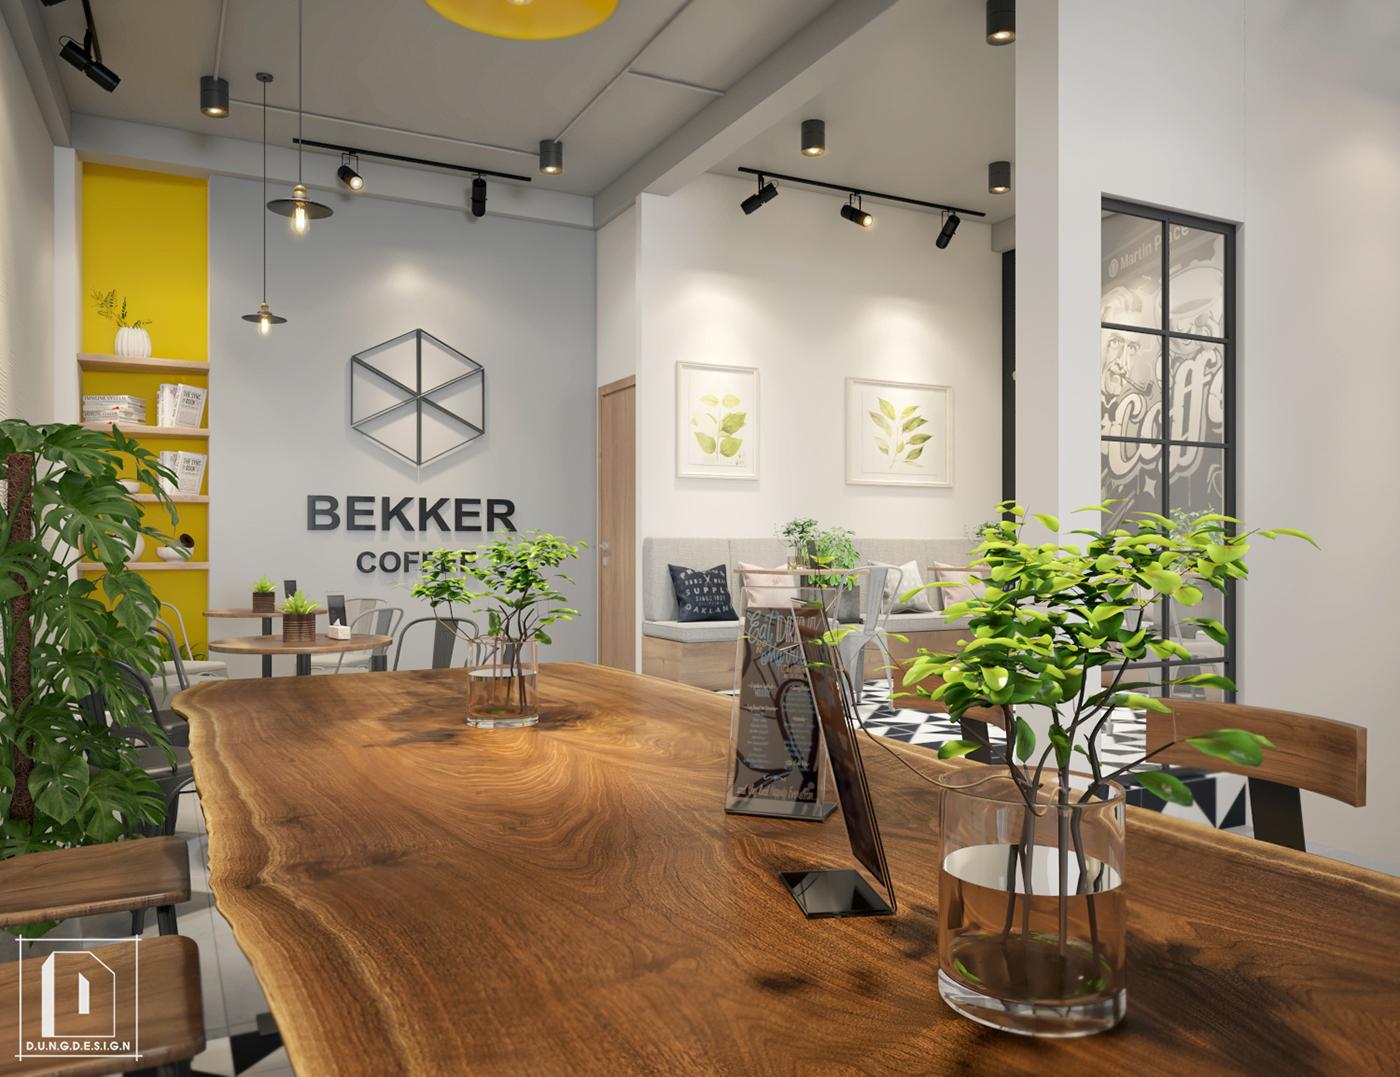 thiết kế nội thất Cafe tại Hồ Chí Minh Bekker Coffee 18 1538453266